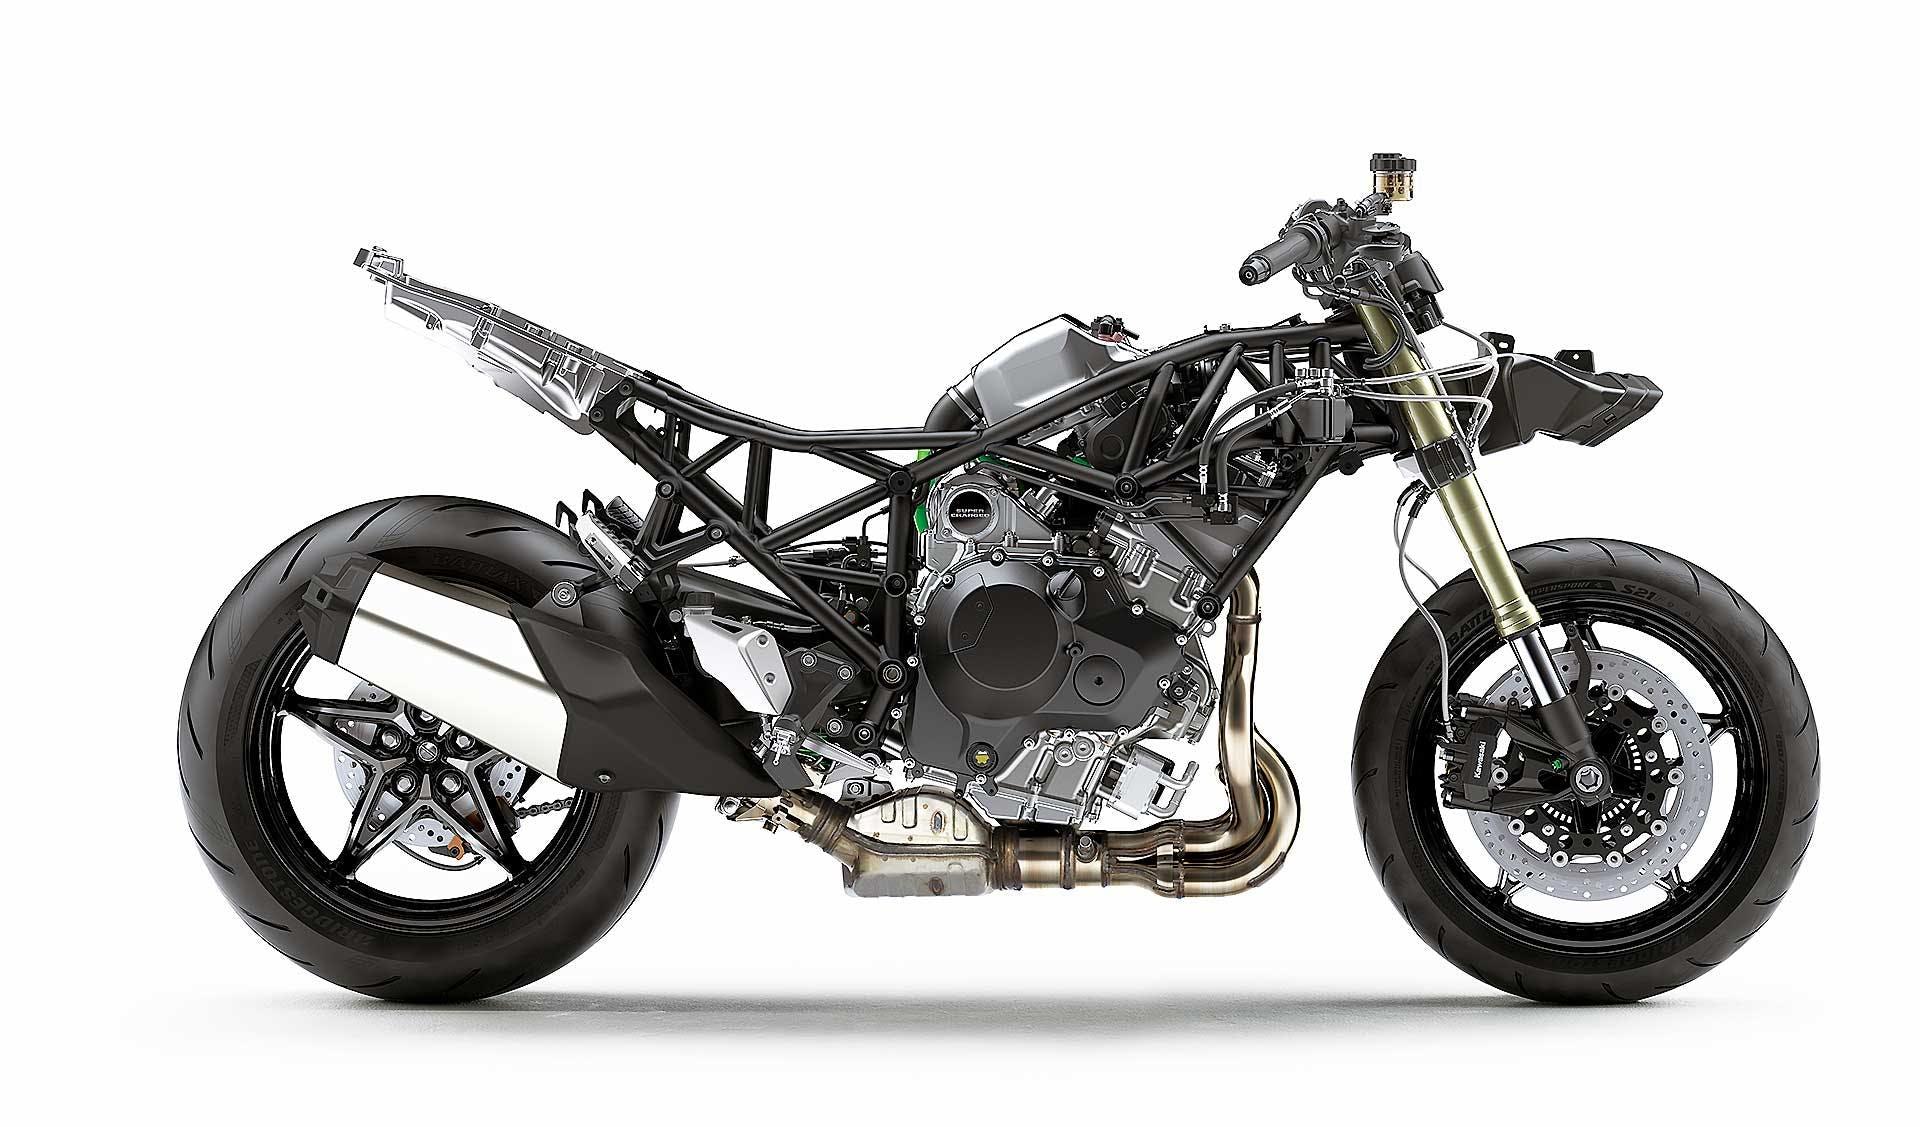 Kawasaki Ninja H2 SX - naked